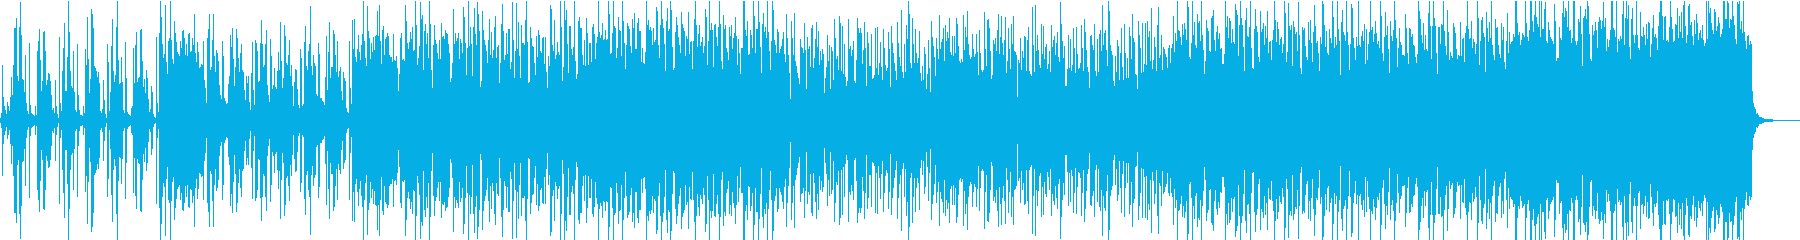 ファンキーでパンチの効いたビッグバンドの再生済みの波形